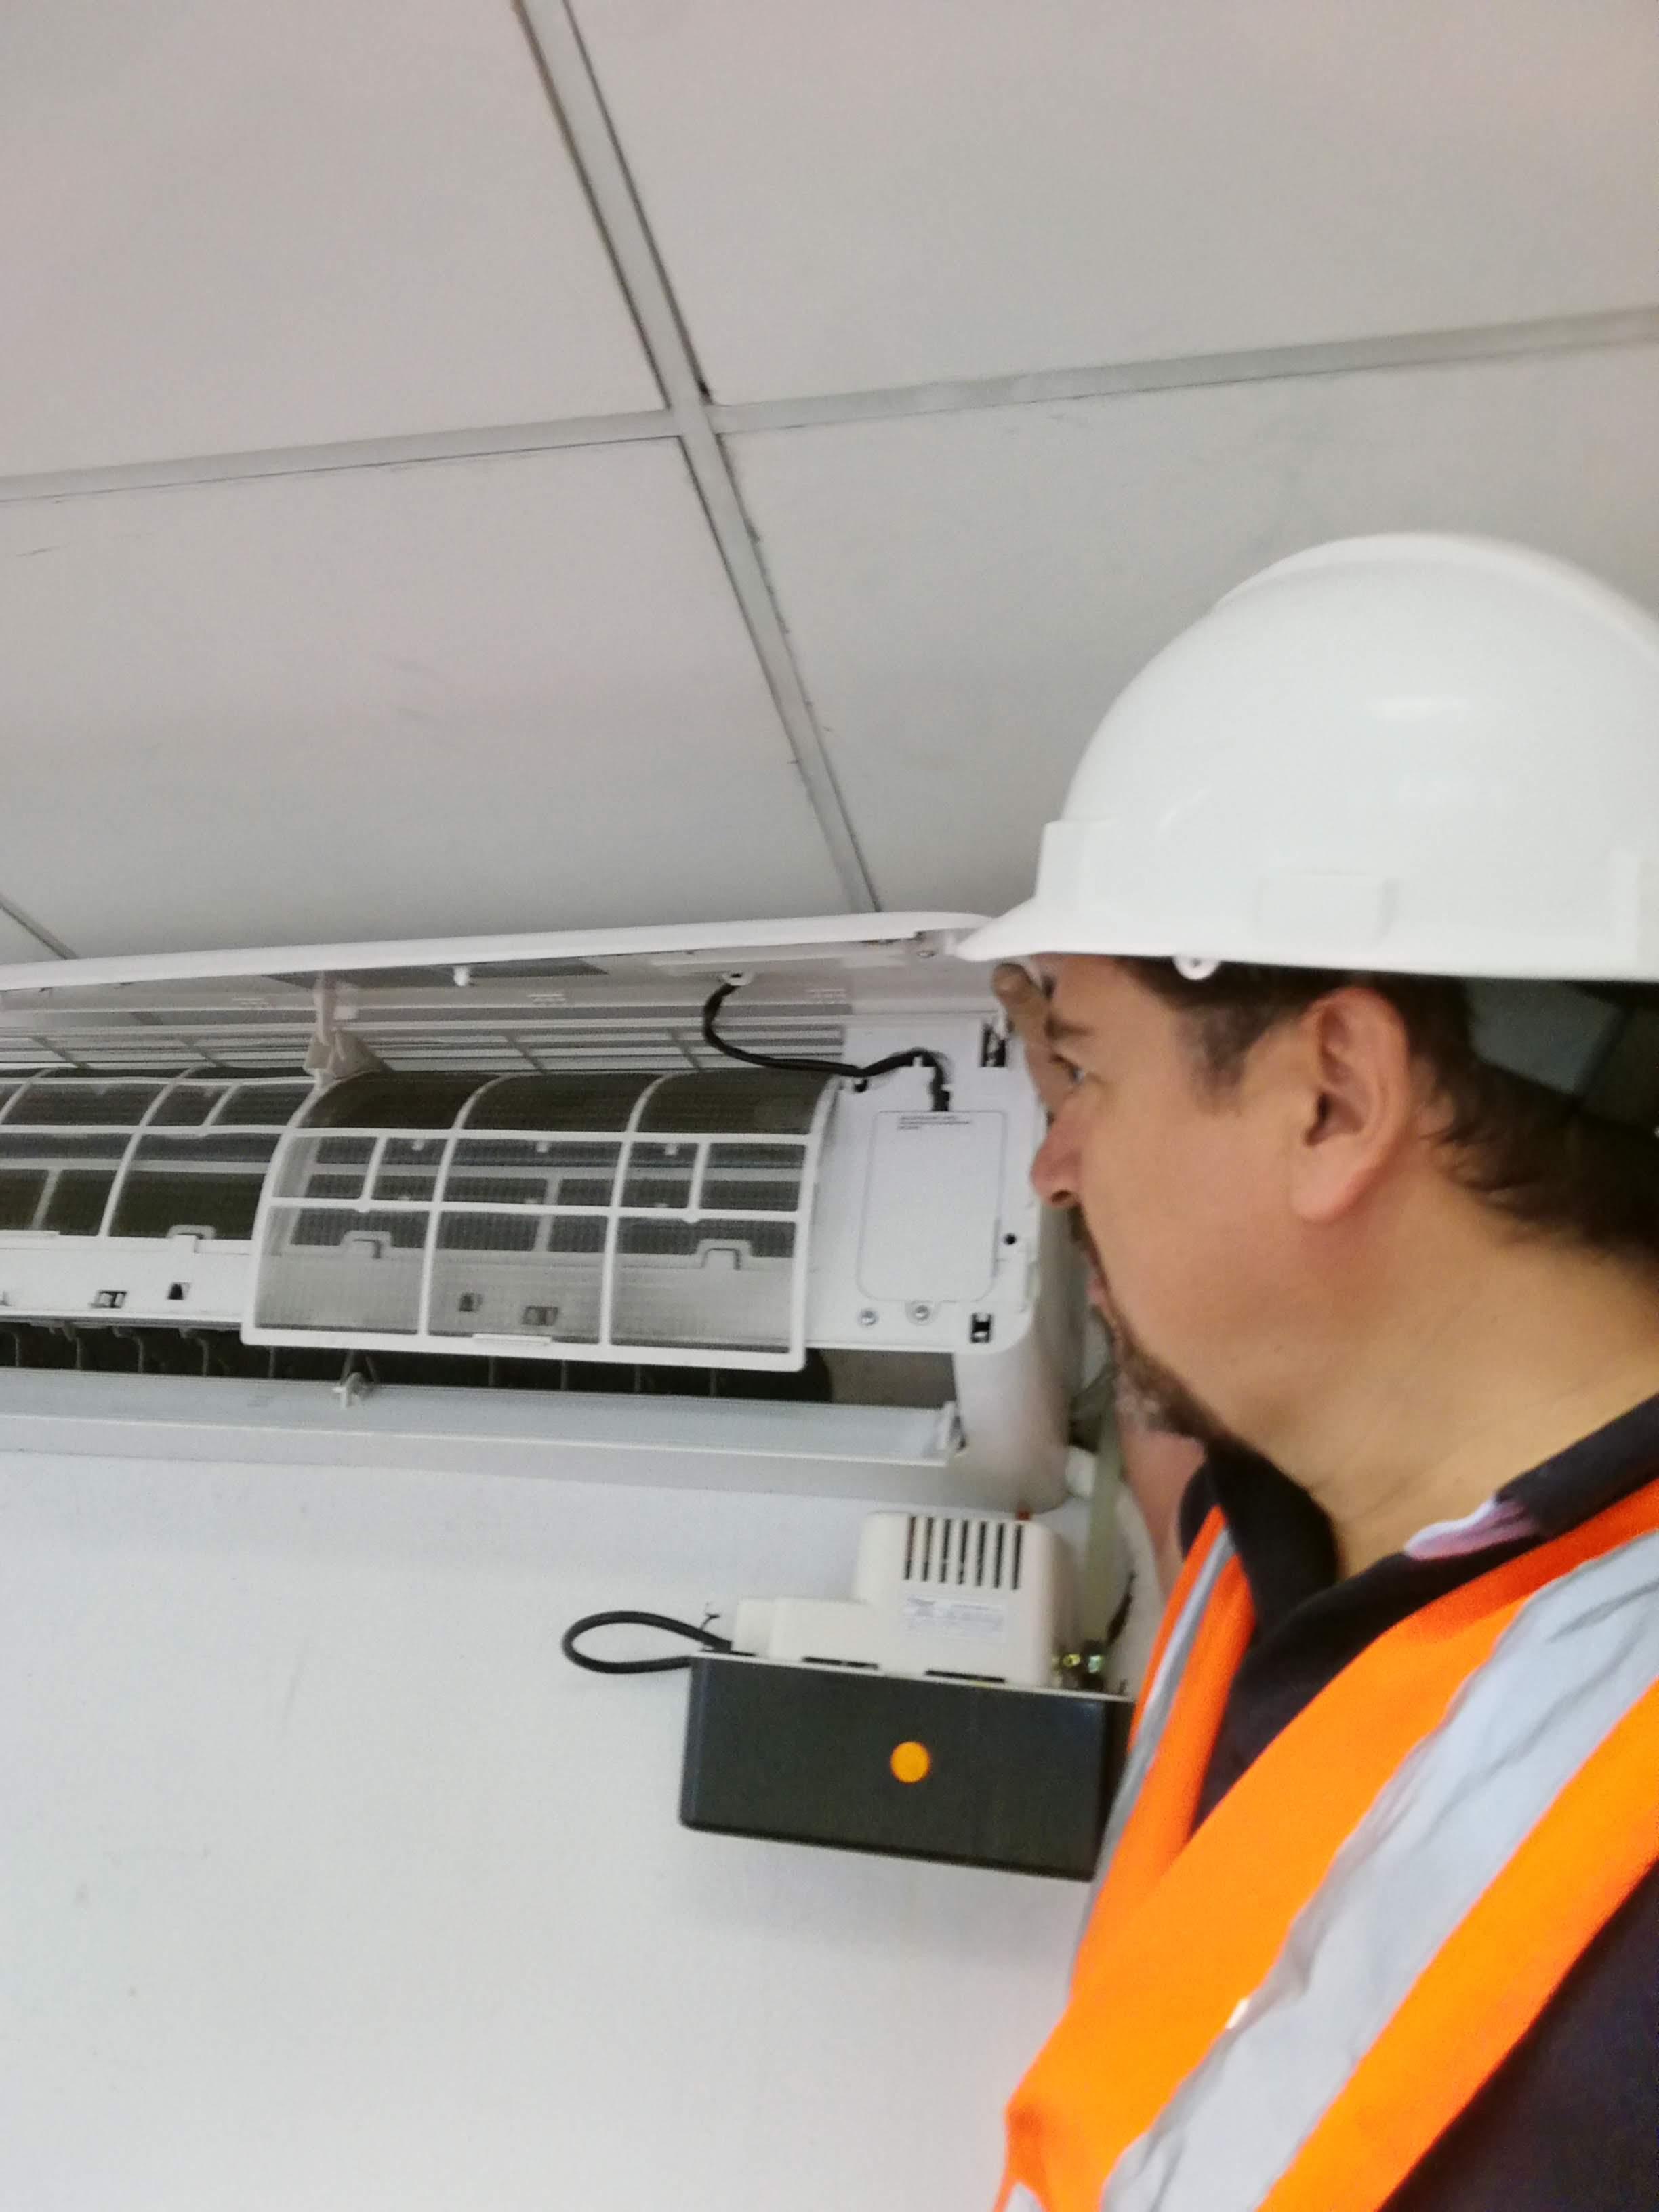 Sistemas de Climatización y Aire Acondicionado Blog equipos industriales, Cómo dar mantenimiento al aire acondicionado tipo split